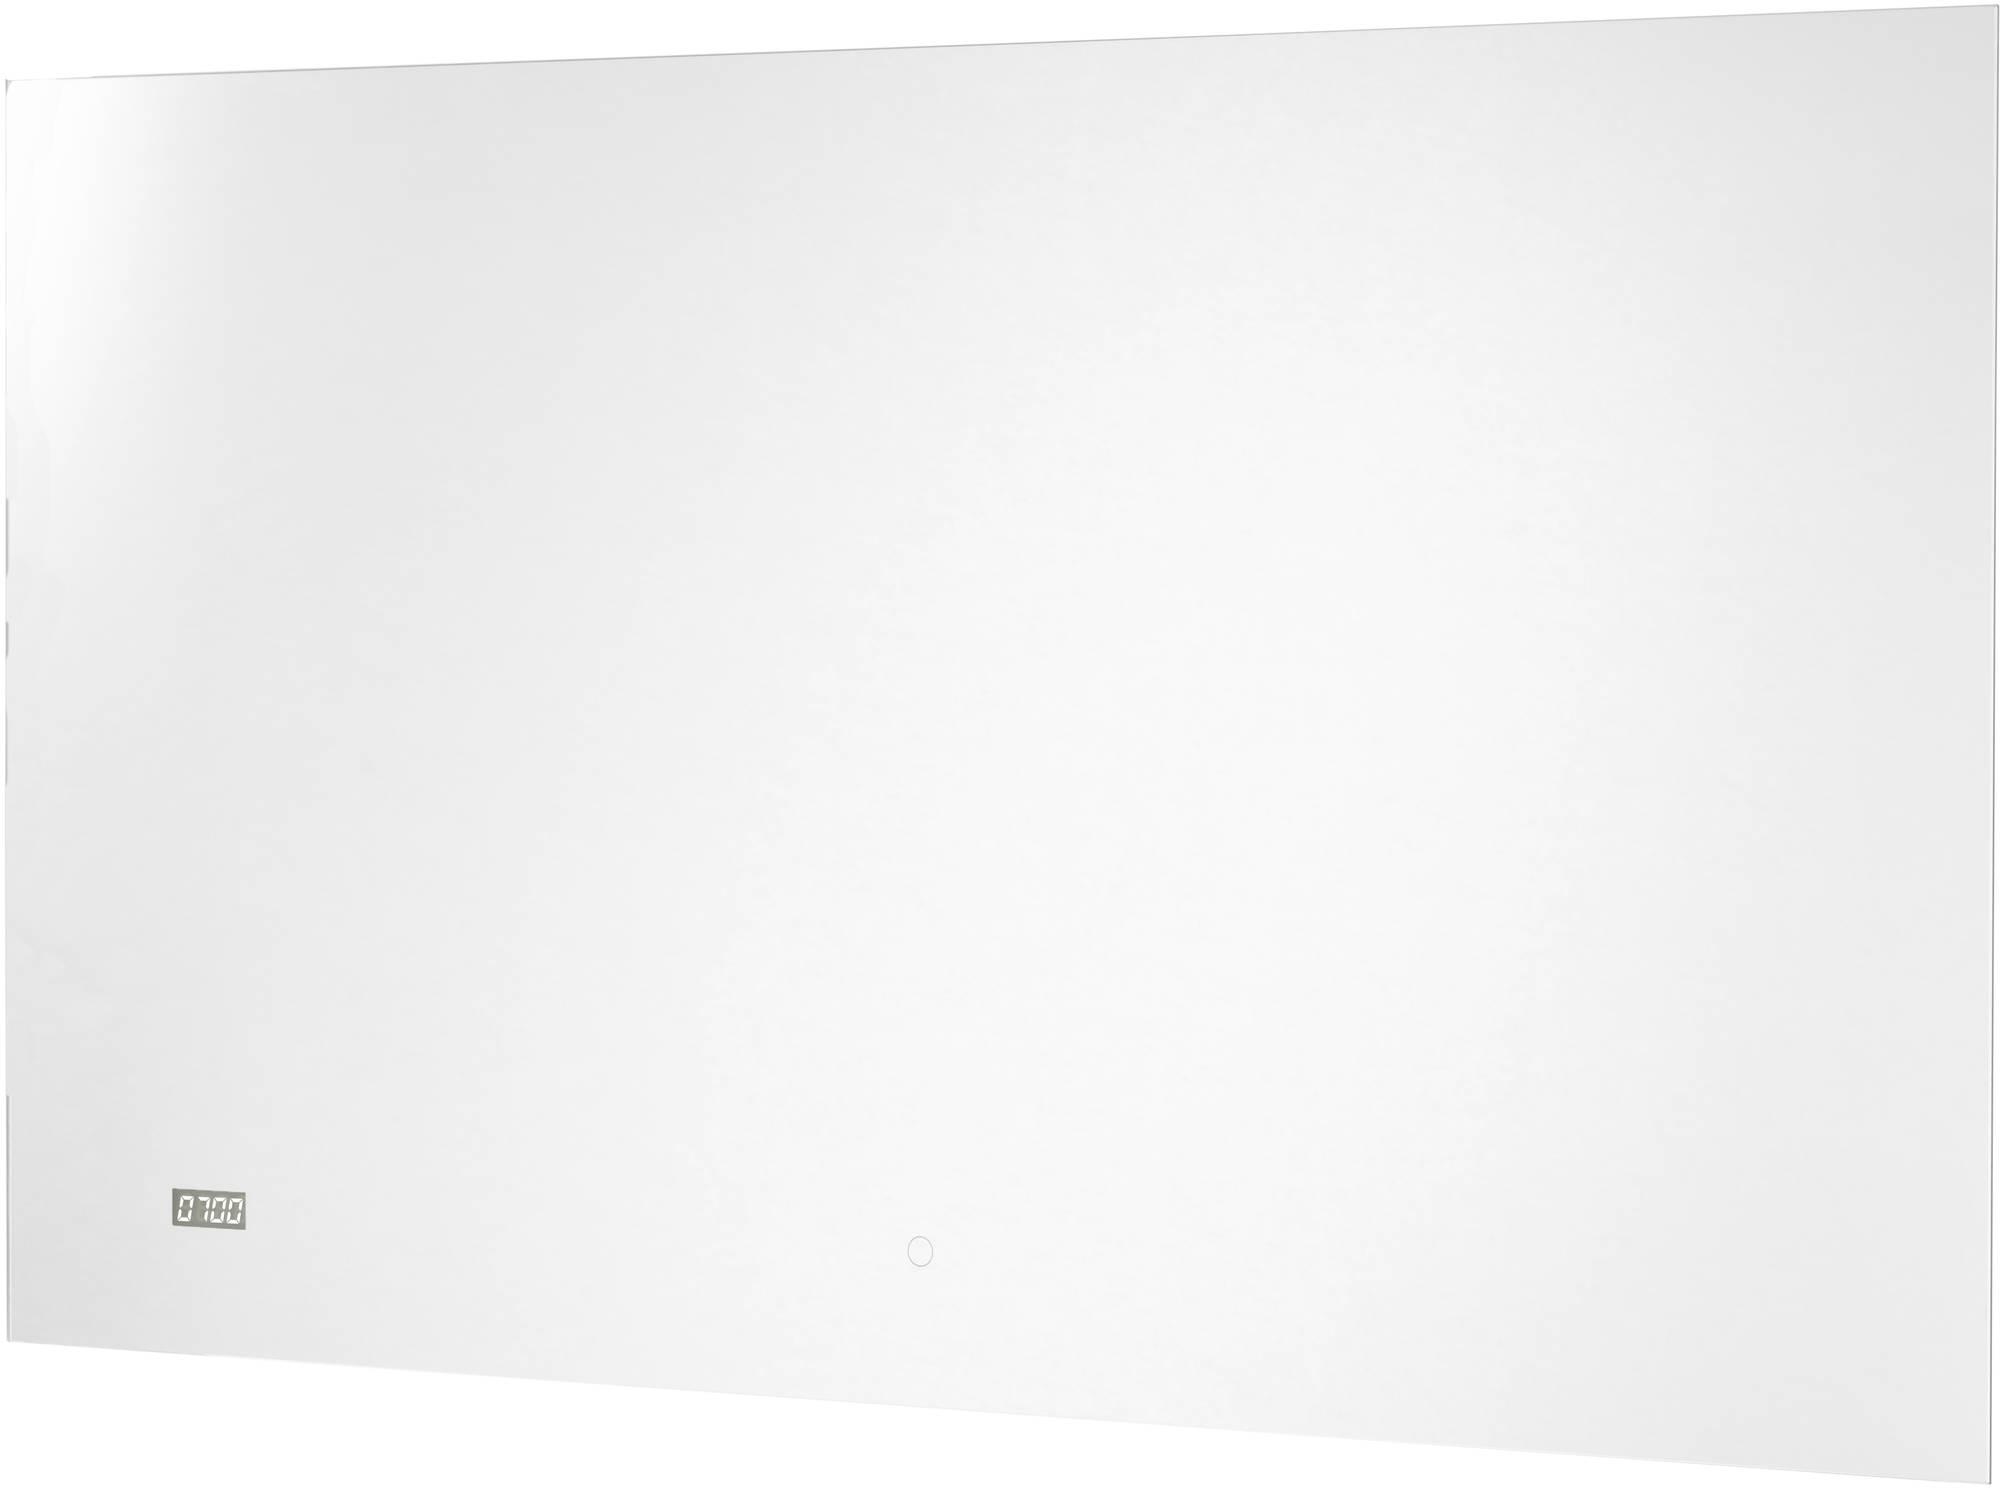 Ben Watch spiegelpaneel met LED verlichting rondom 120x70 cm